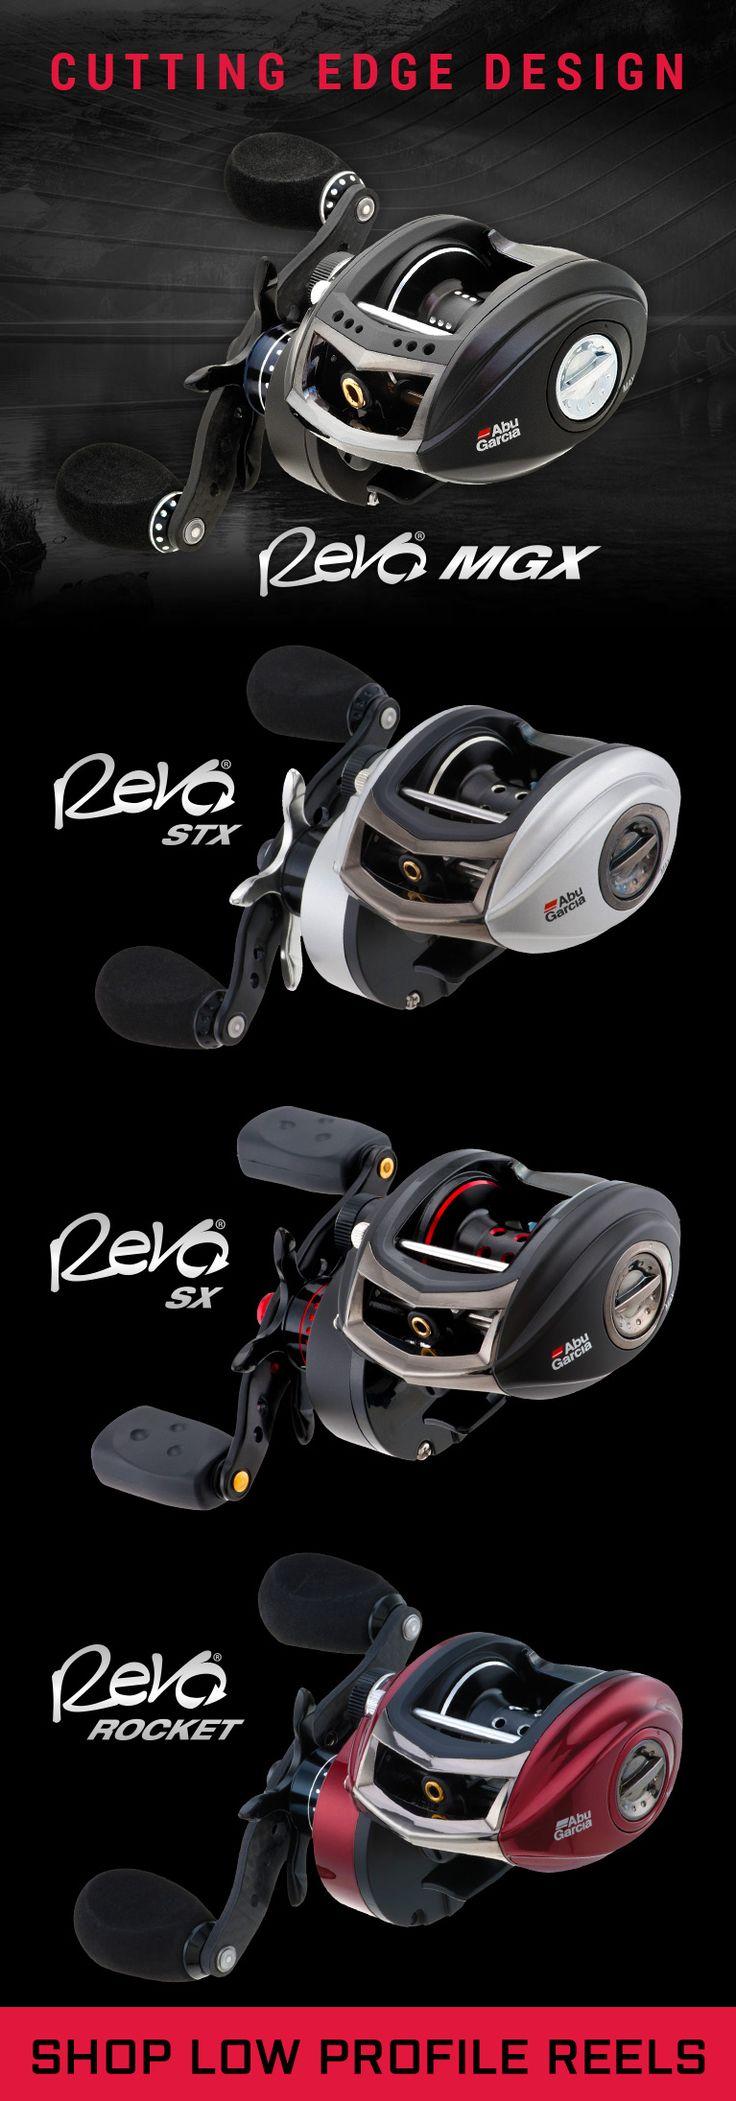 Fishing Reels, Fishing Rods, REVO Reels   Abu Garcia®